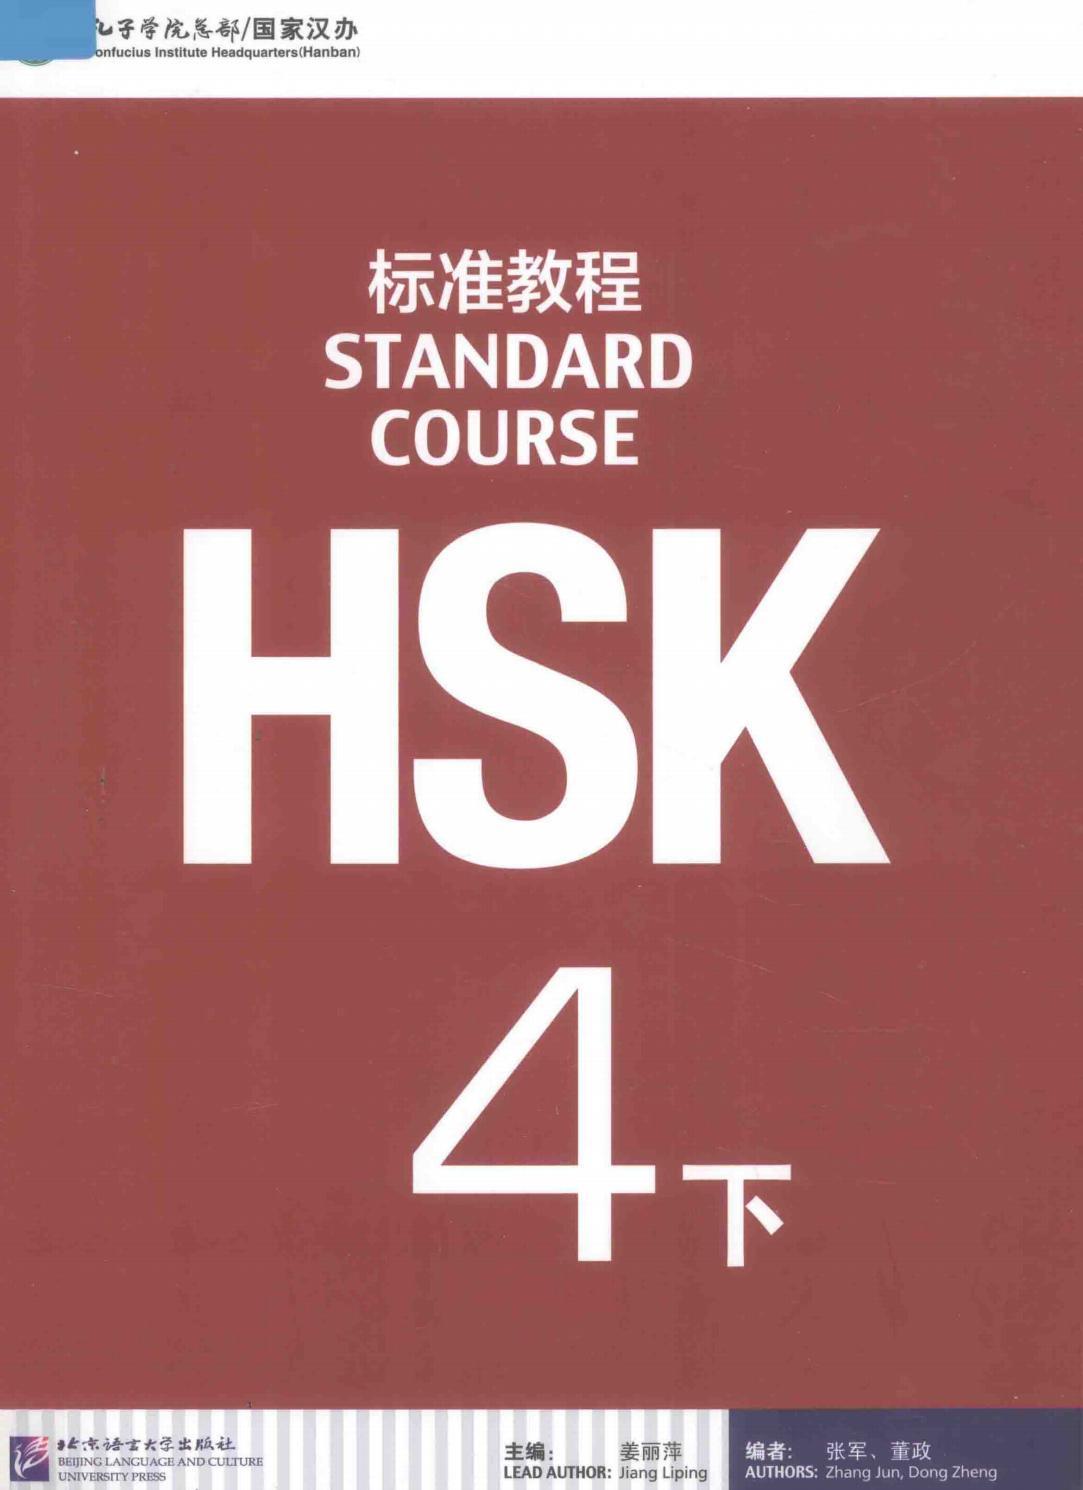 Hsk標準教程 4 下 高清 電子書 下載 pdf [姜麗萍主編][][2014 11][155頁]sample by bookcat - Issuu